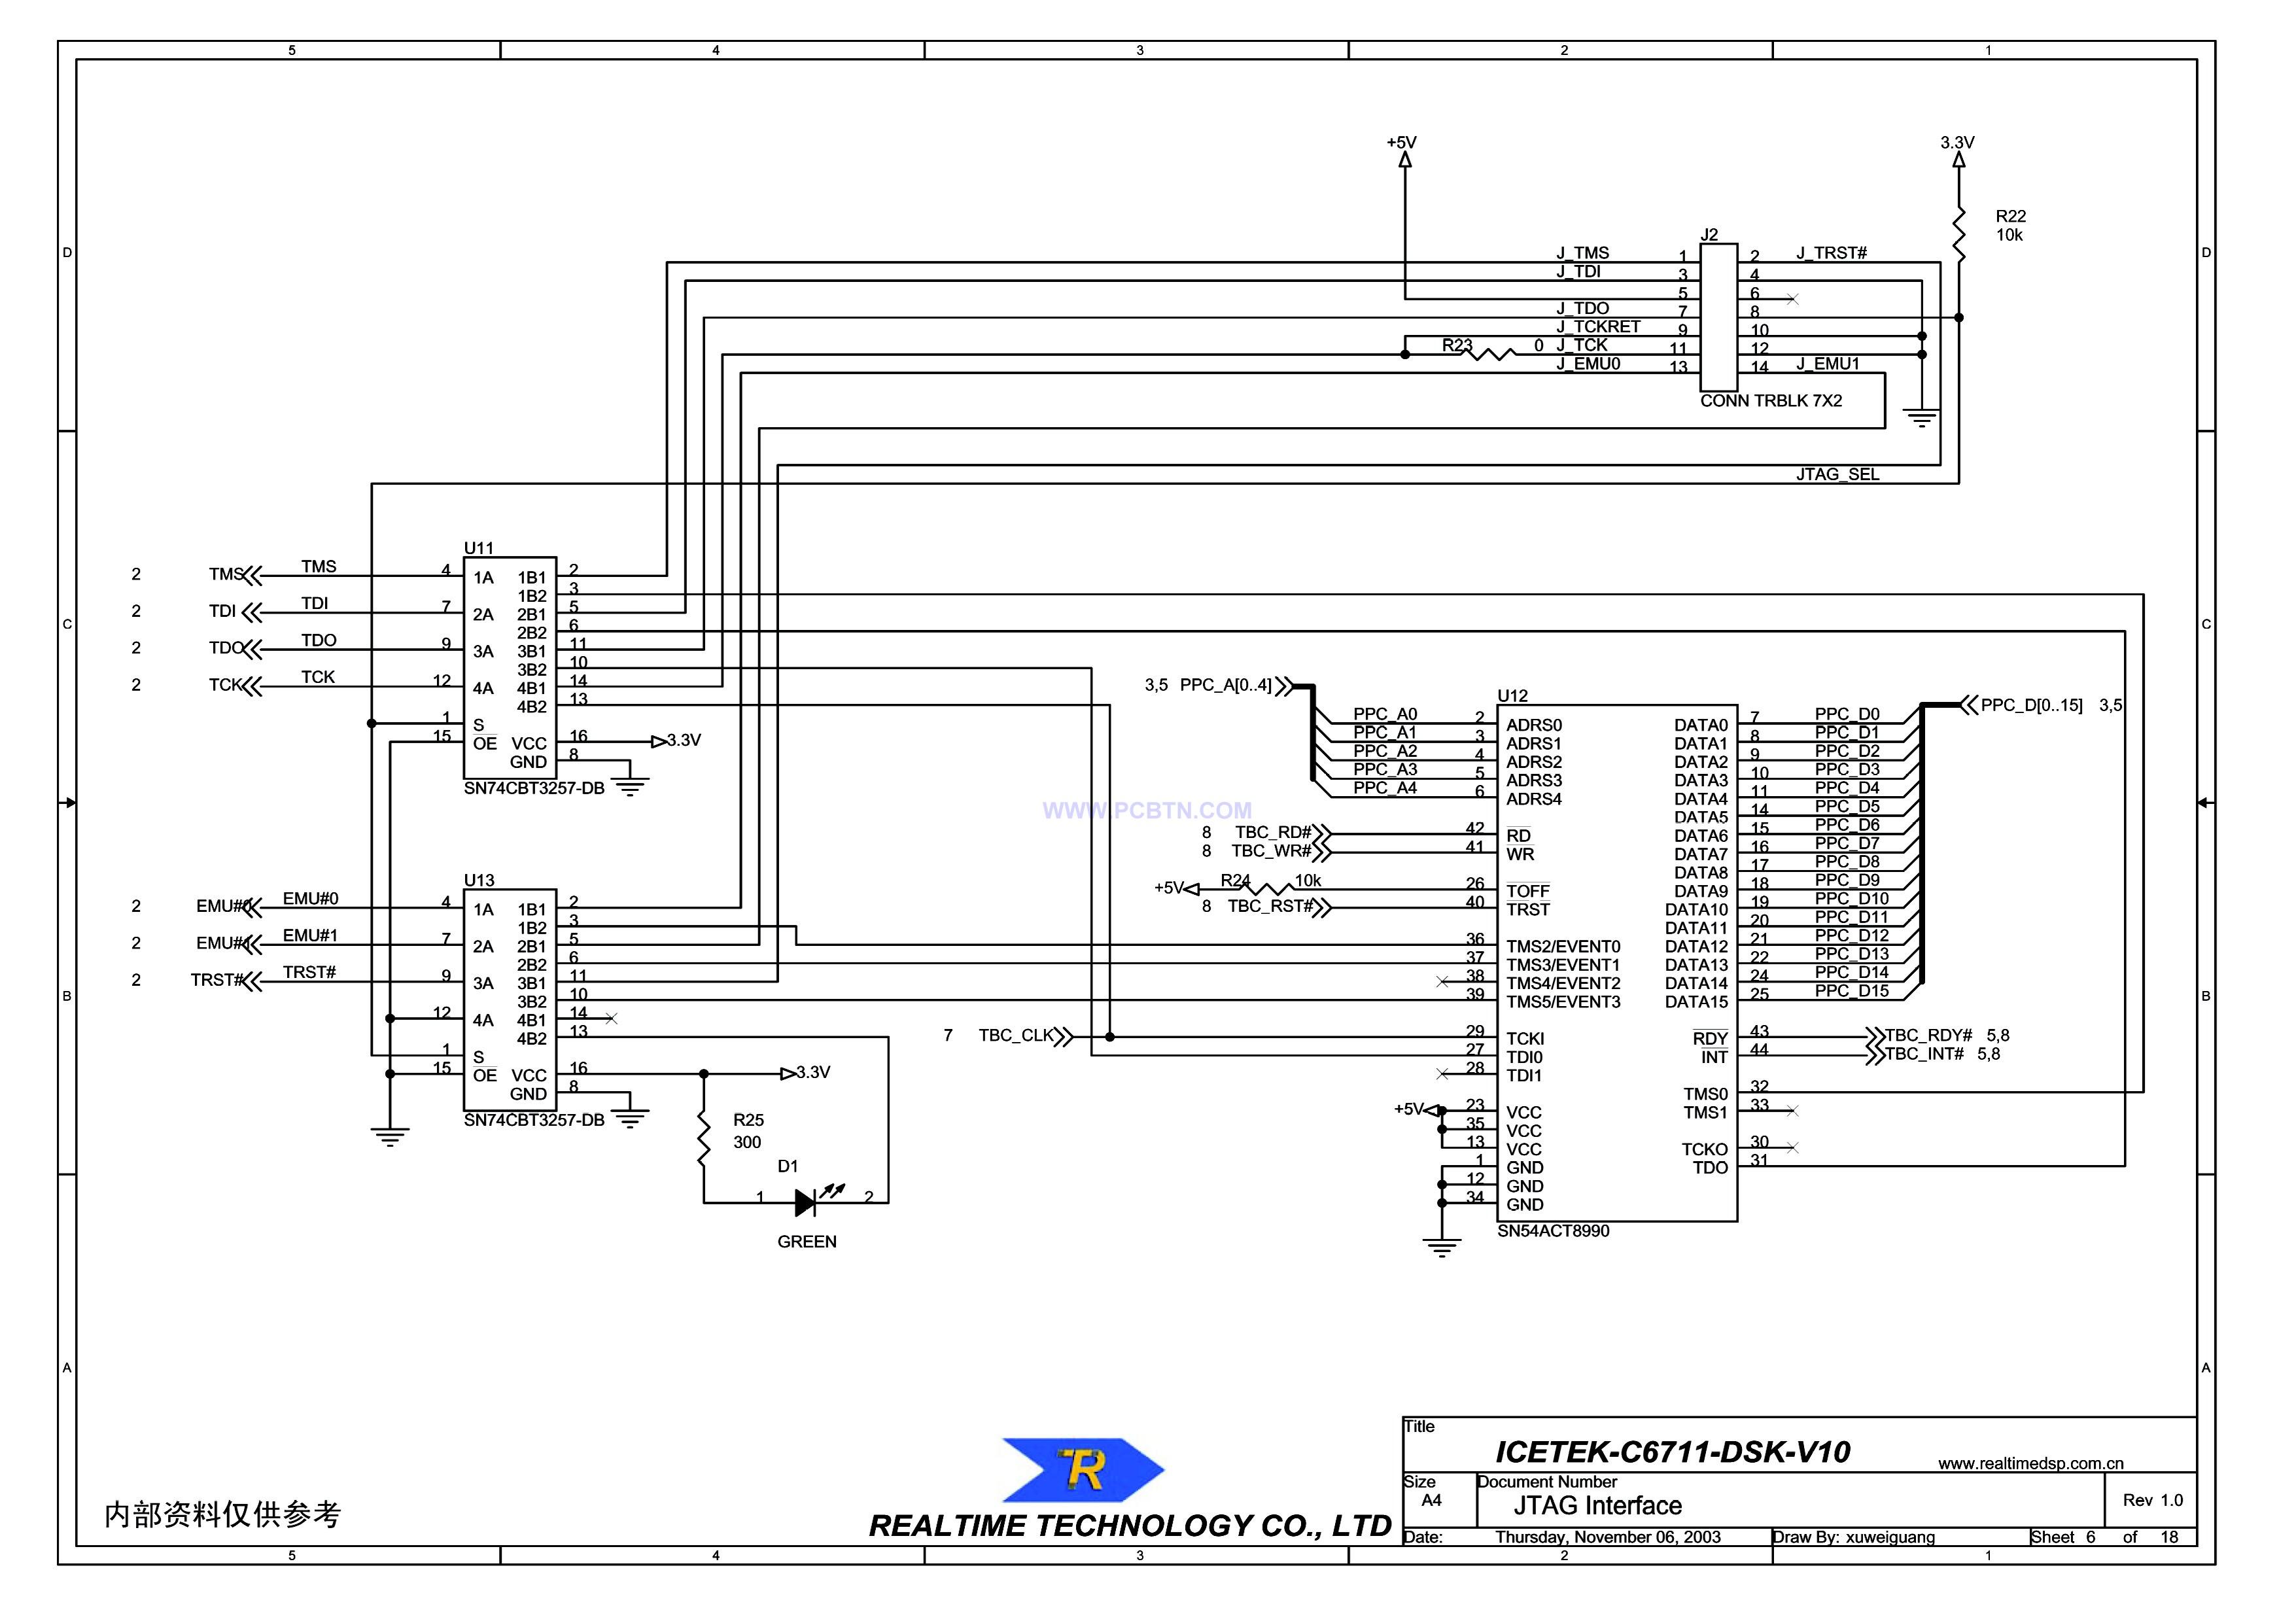 ICETEK-C6711-A的JTAG接口原理图